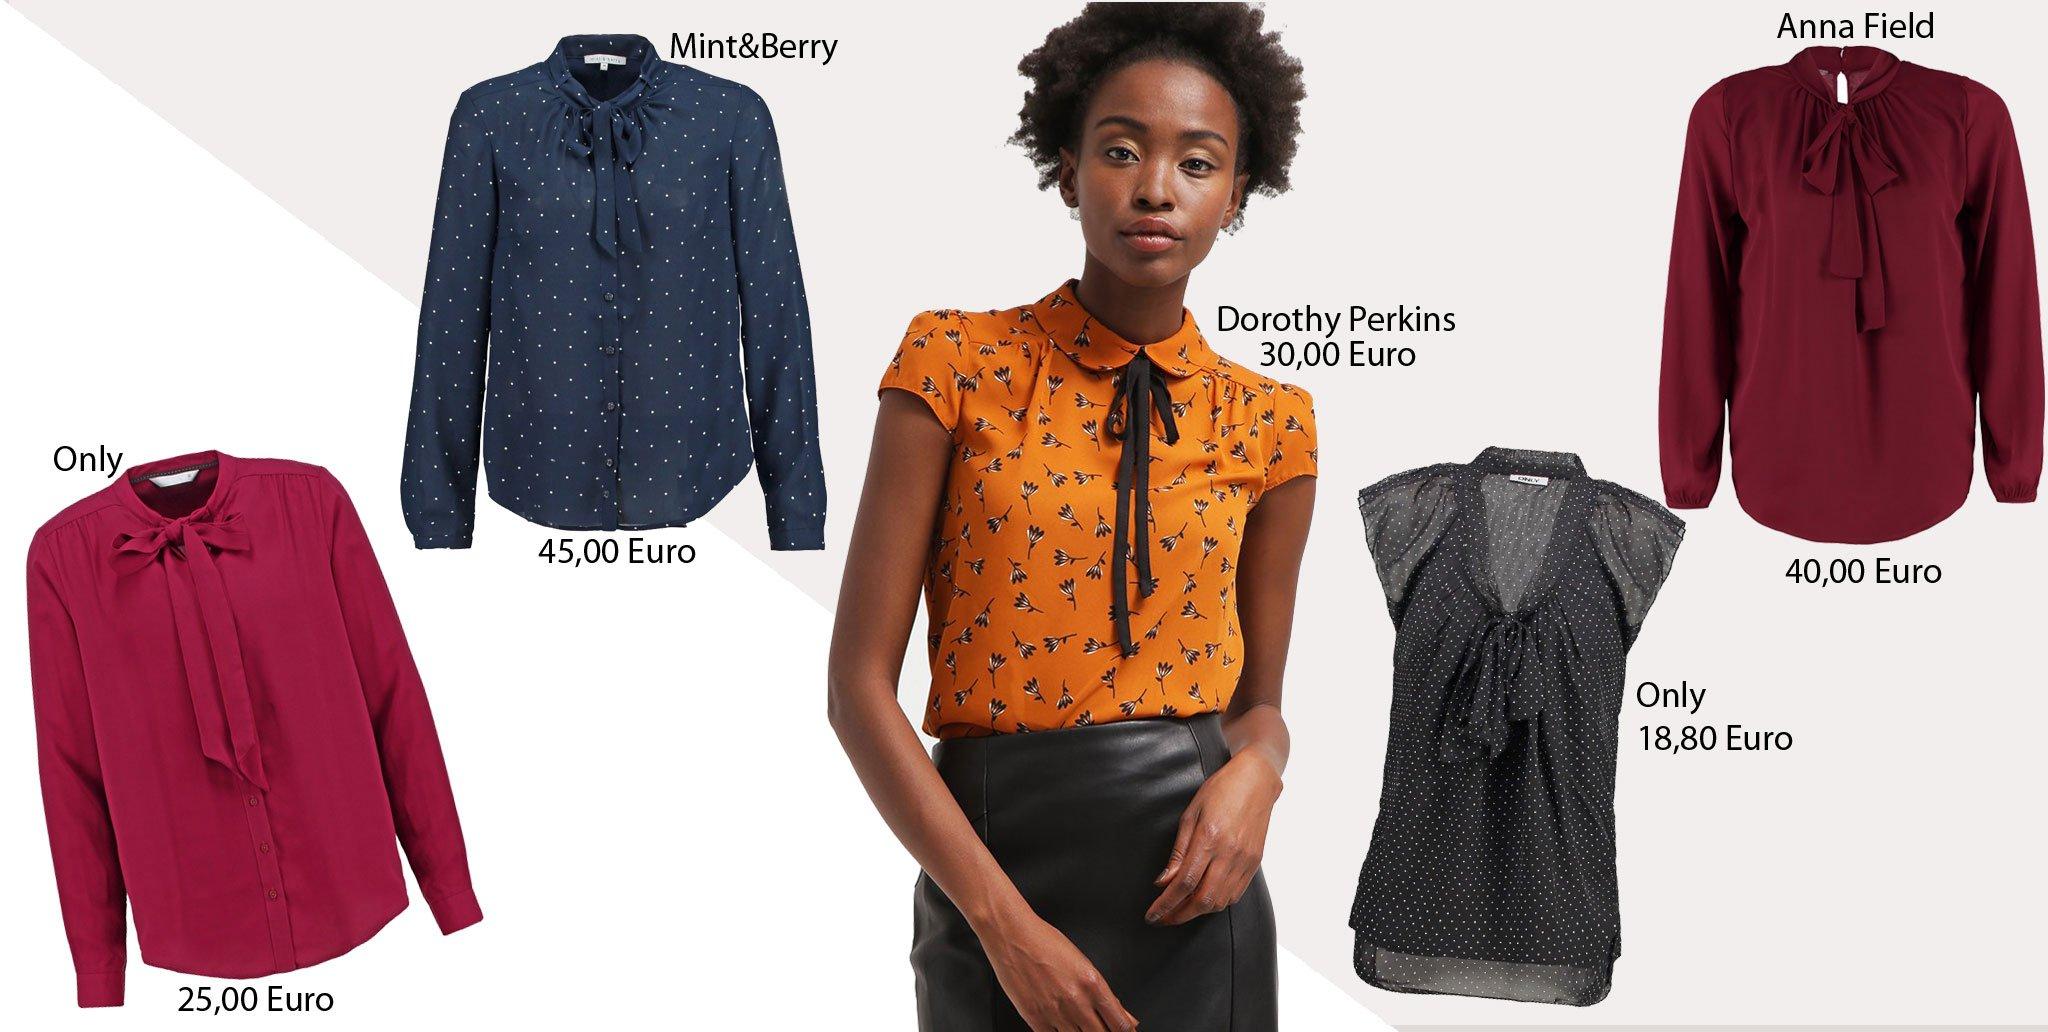 719a126fd03d Tendenze moda inverno 2016: i cinque capi indispensabili. 1) La camicia con  il fiocco